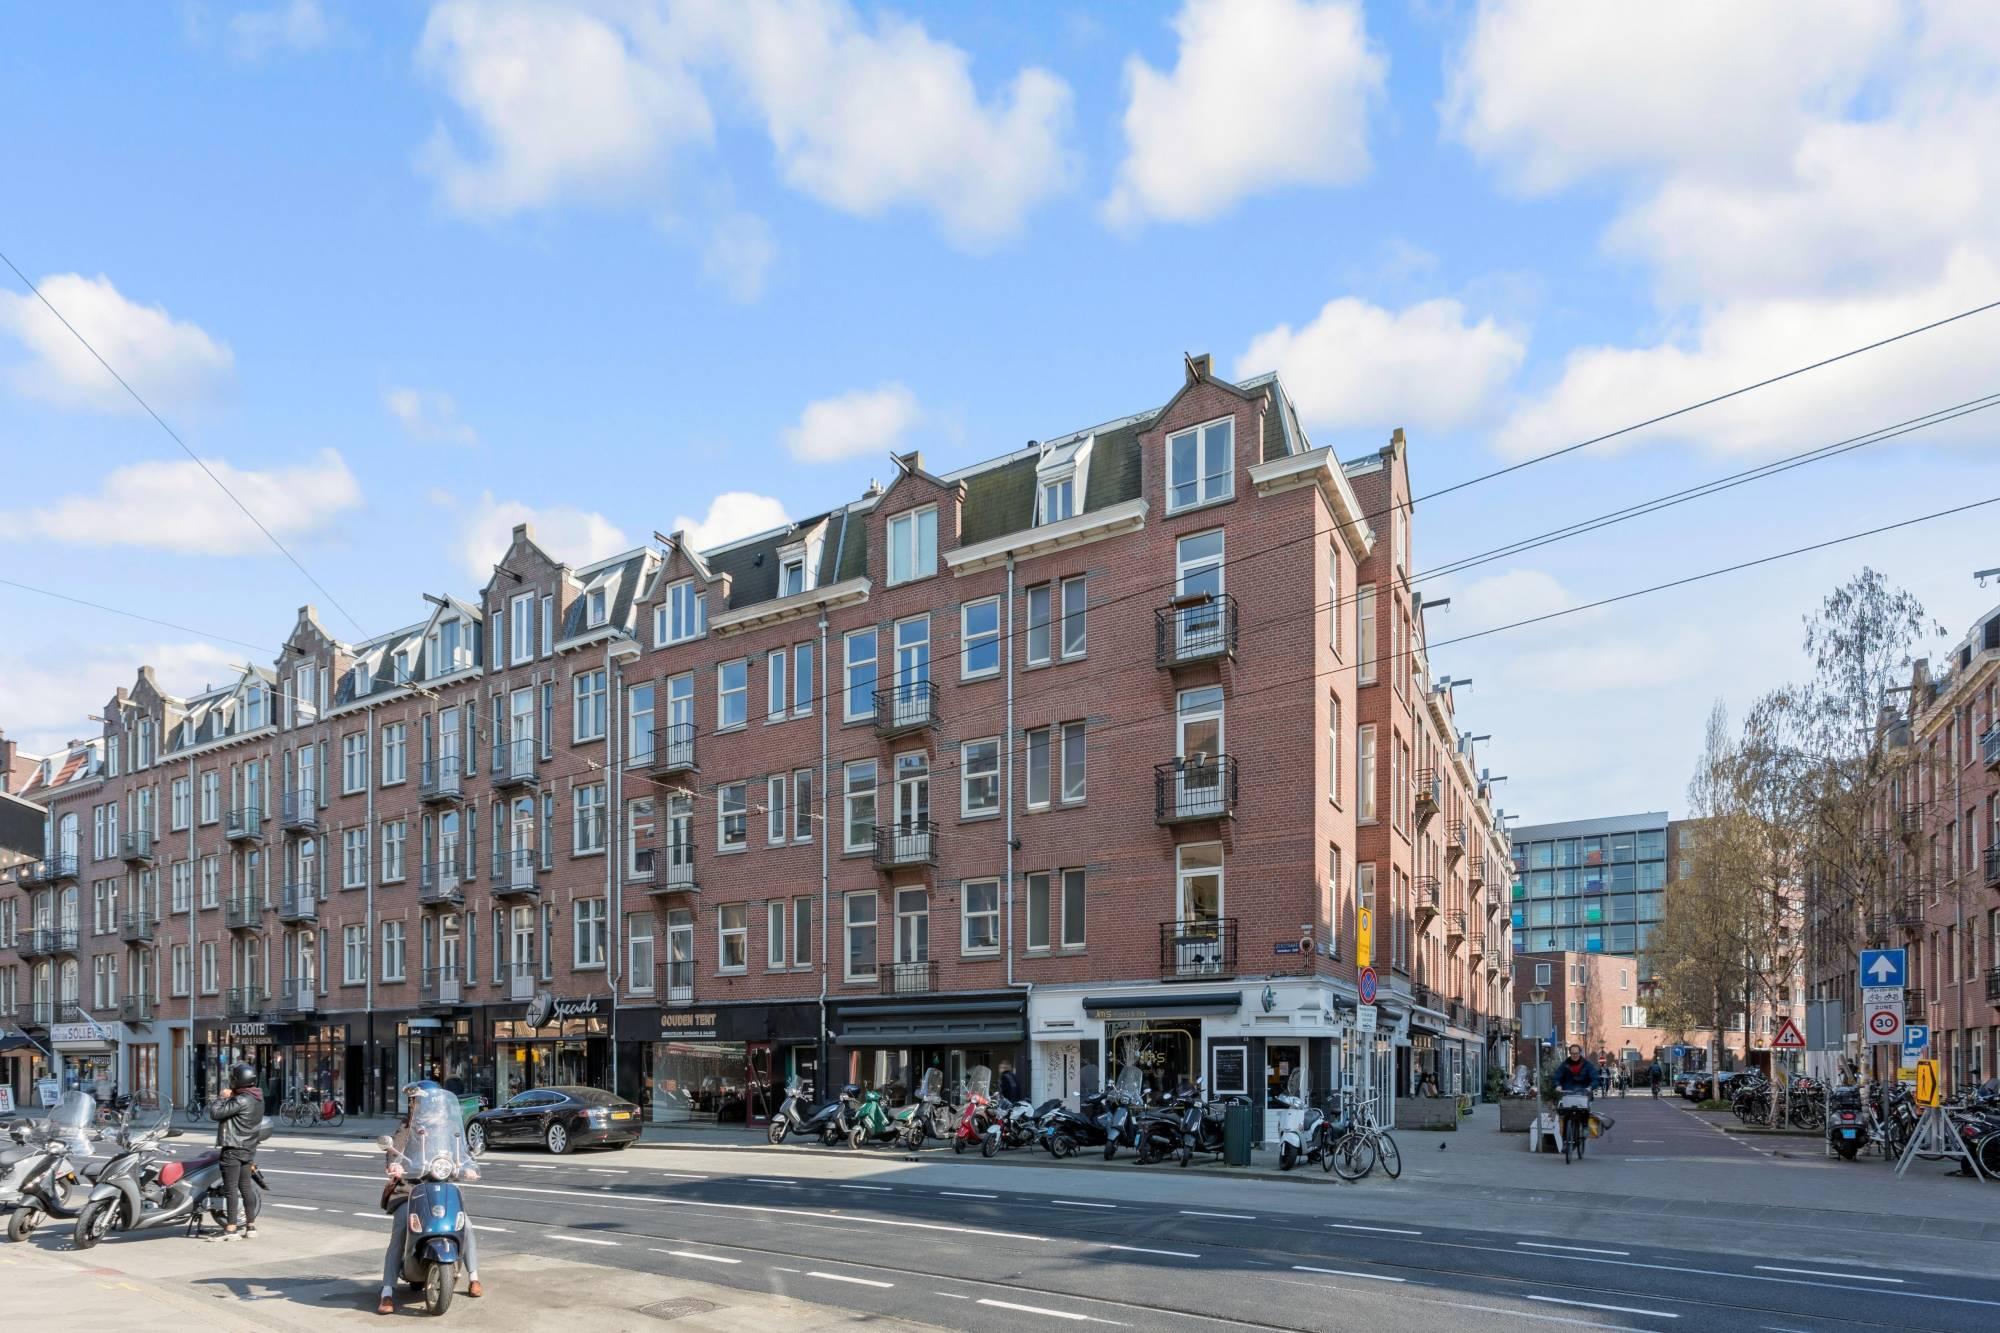 Zeilstraat / Amsterdam